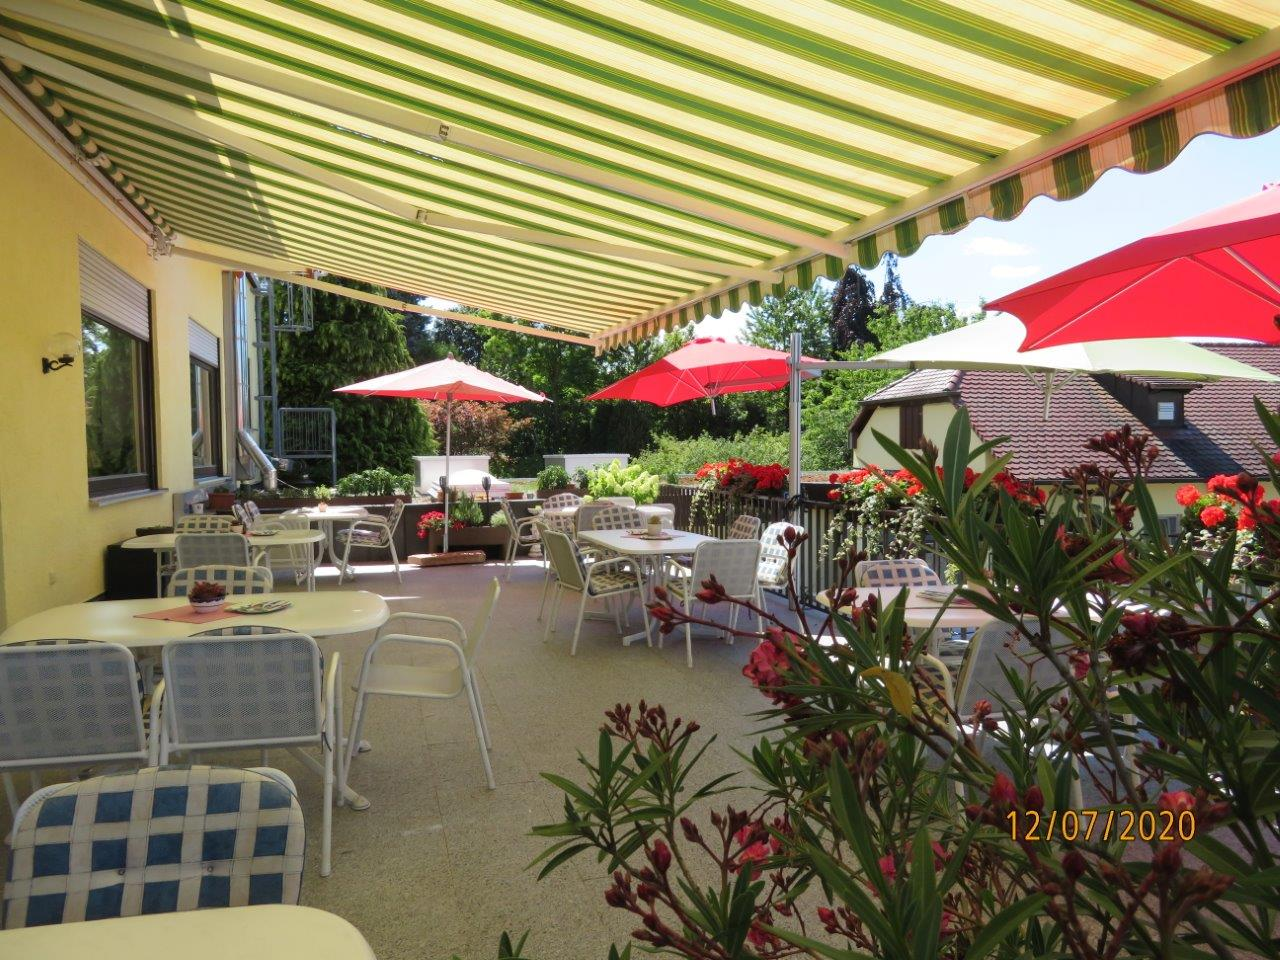 Blick auf Terrasse des Hotel Restaurant Krone mit geöffneter, grün gelb gestreifter Markise, roten Sonnenschirmen und  6 Tischen mit jeweils 6 Sitzplätzen